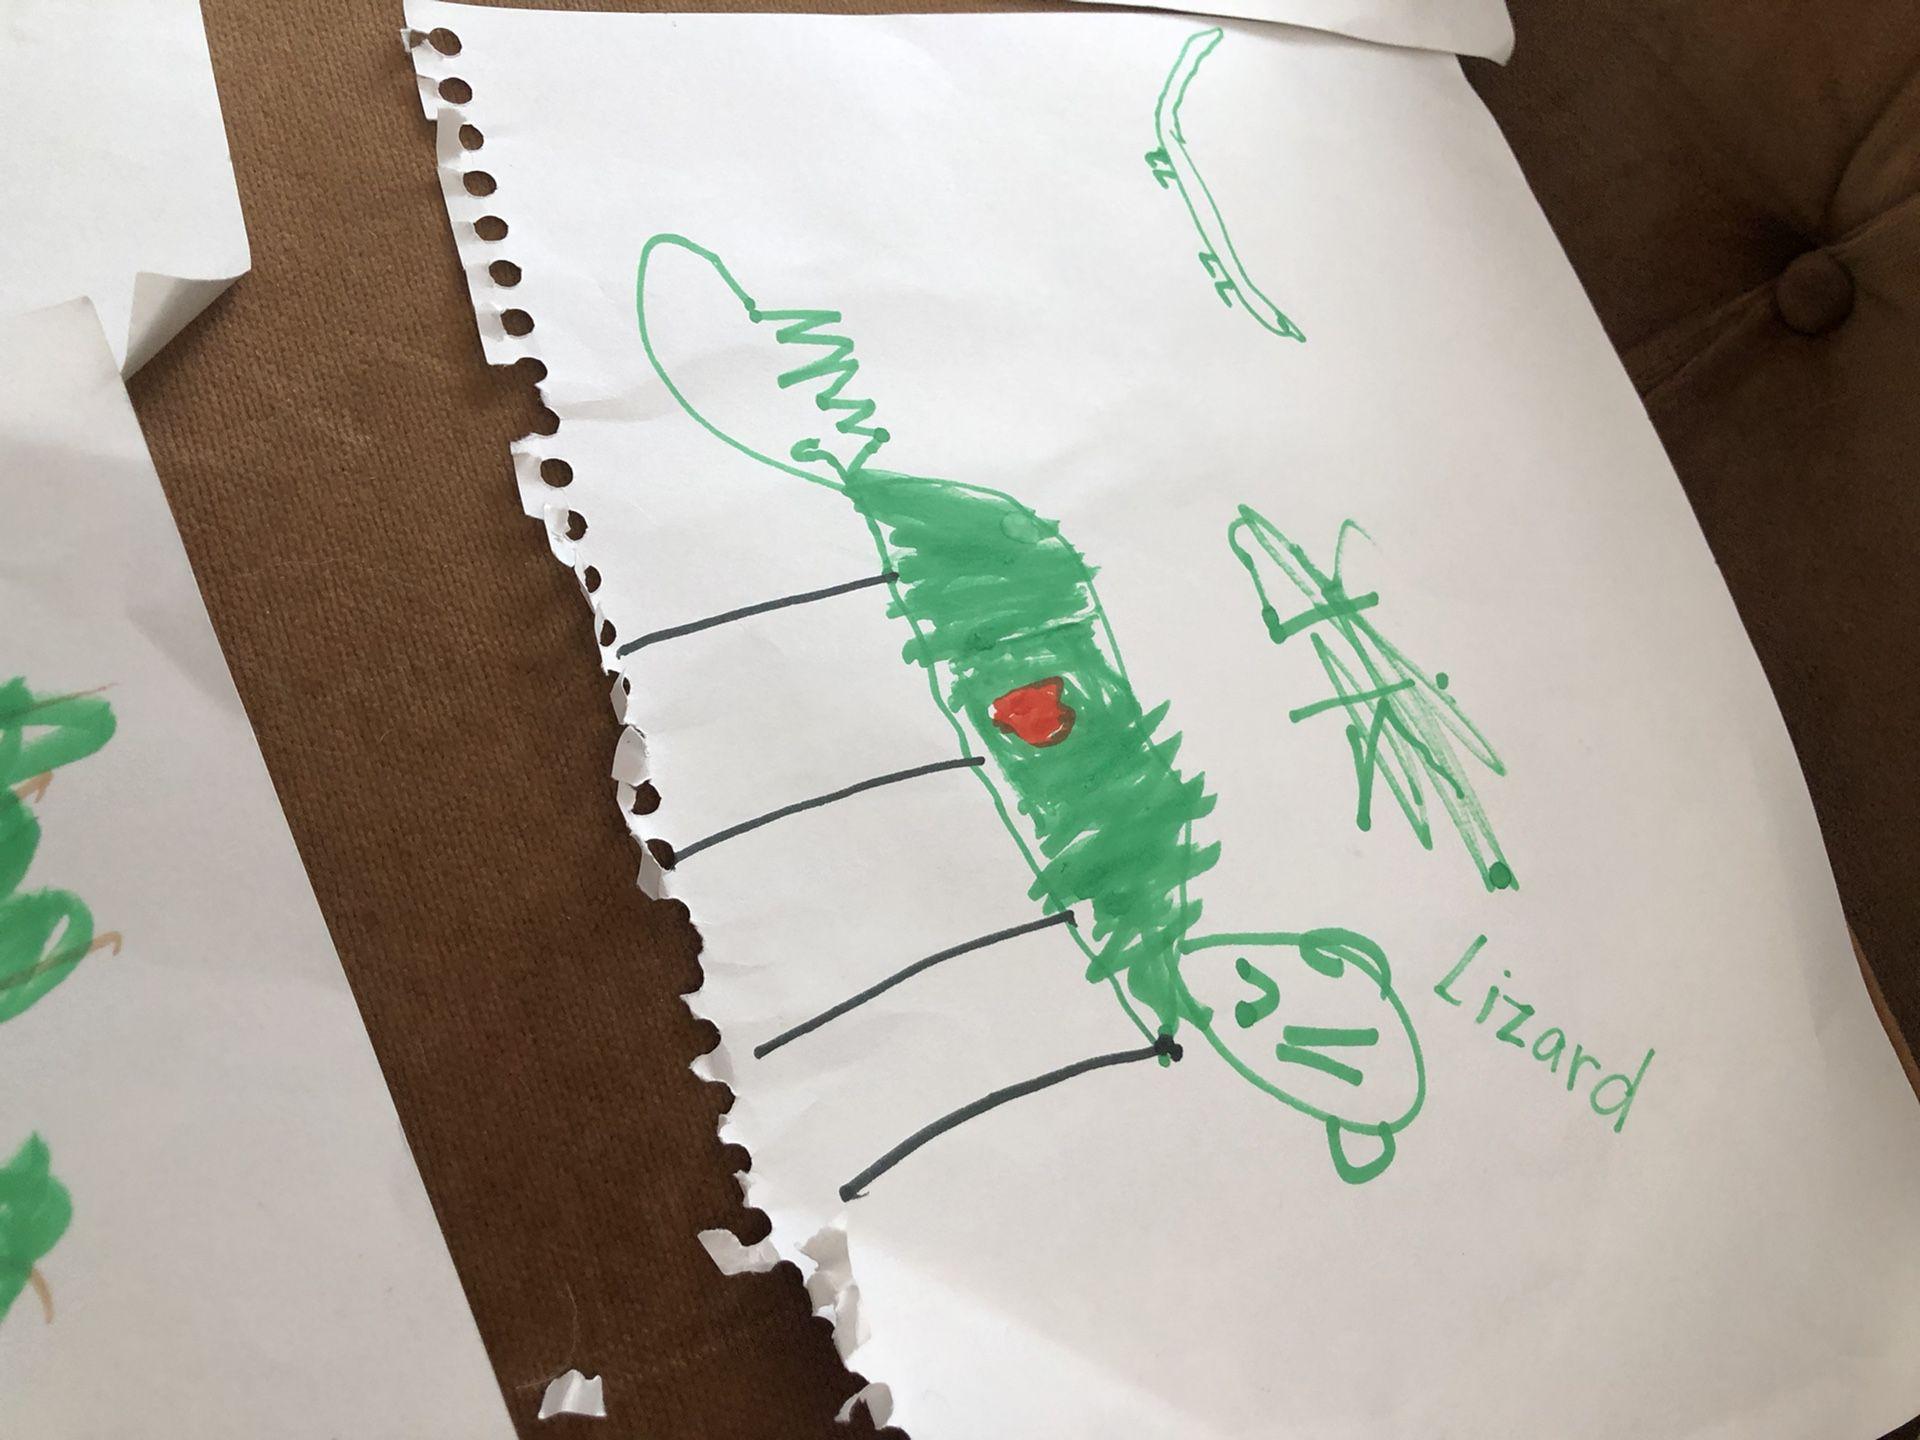 Beautiful artistic drawings